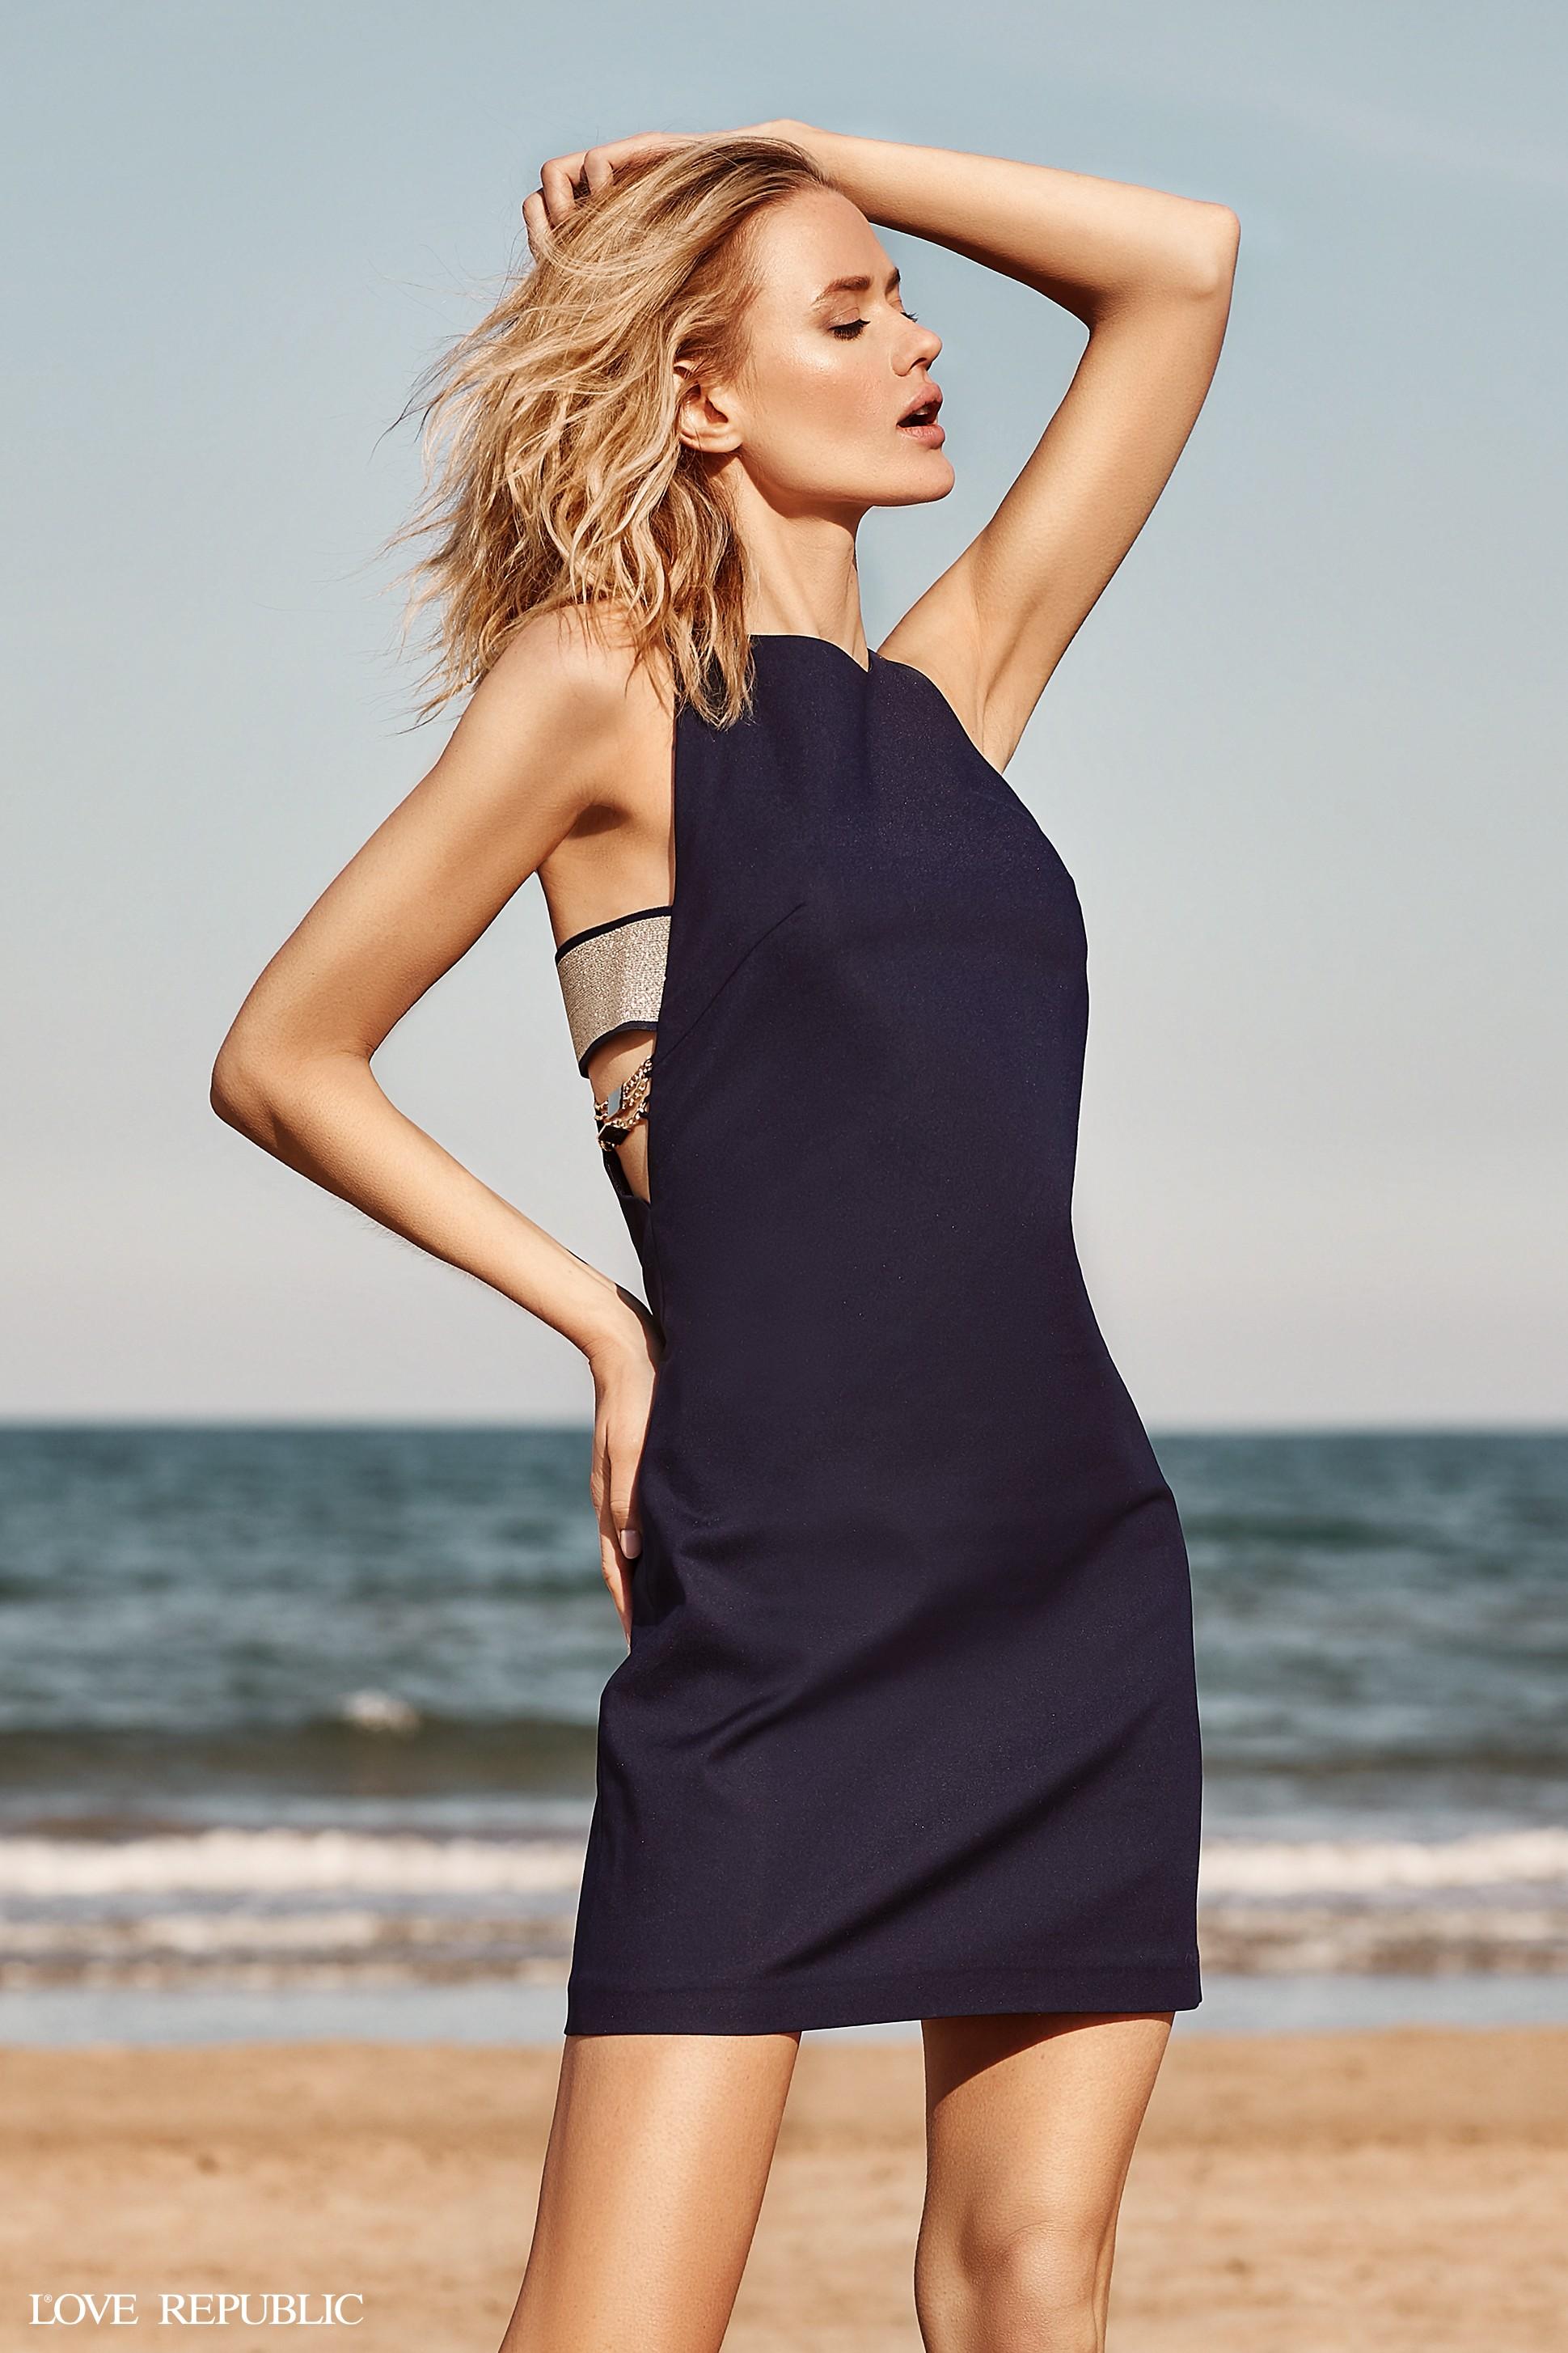 c506181c319 Купить красивое женское платье - интернет-магазин «Love Republic»